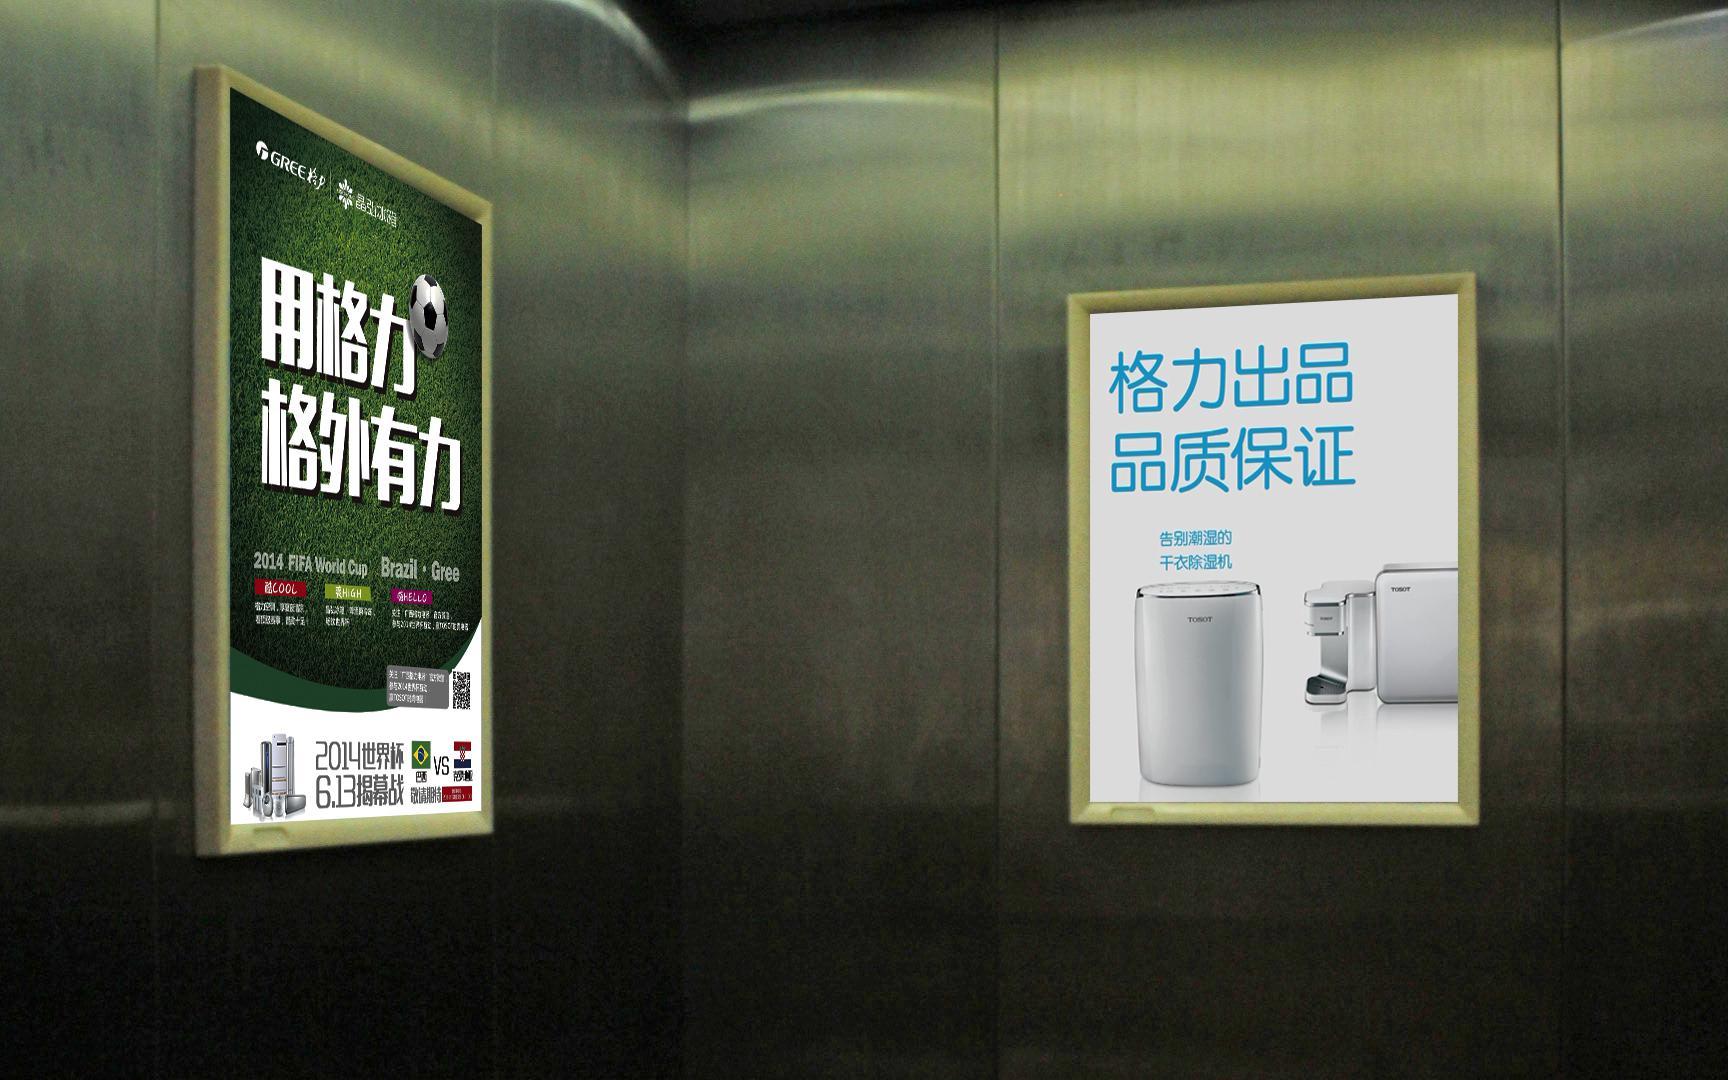 广州电梯口海报广告价格及公司电梯门广告价格投放公司